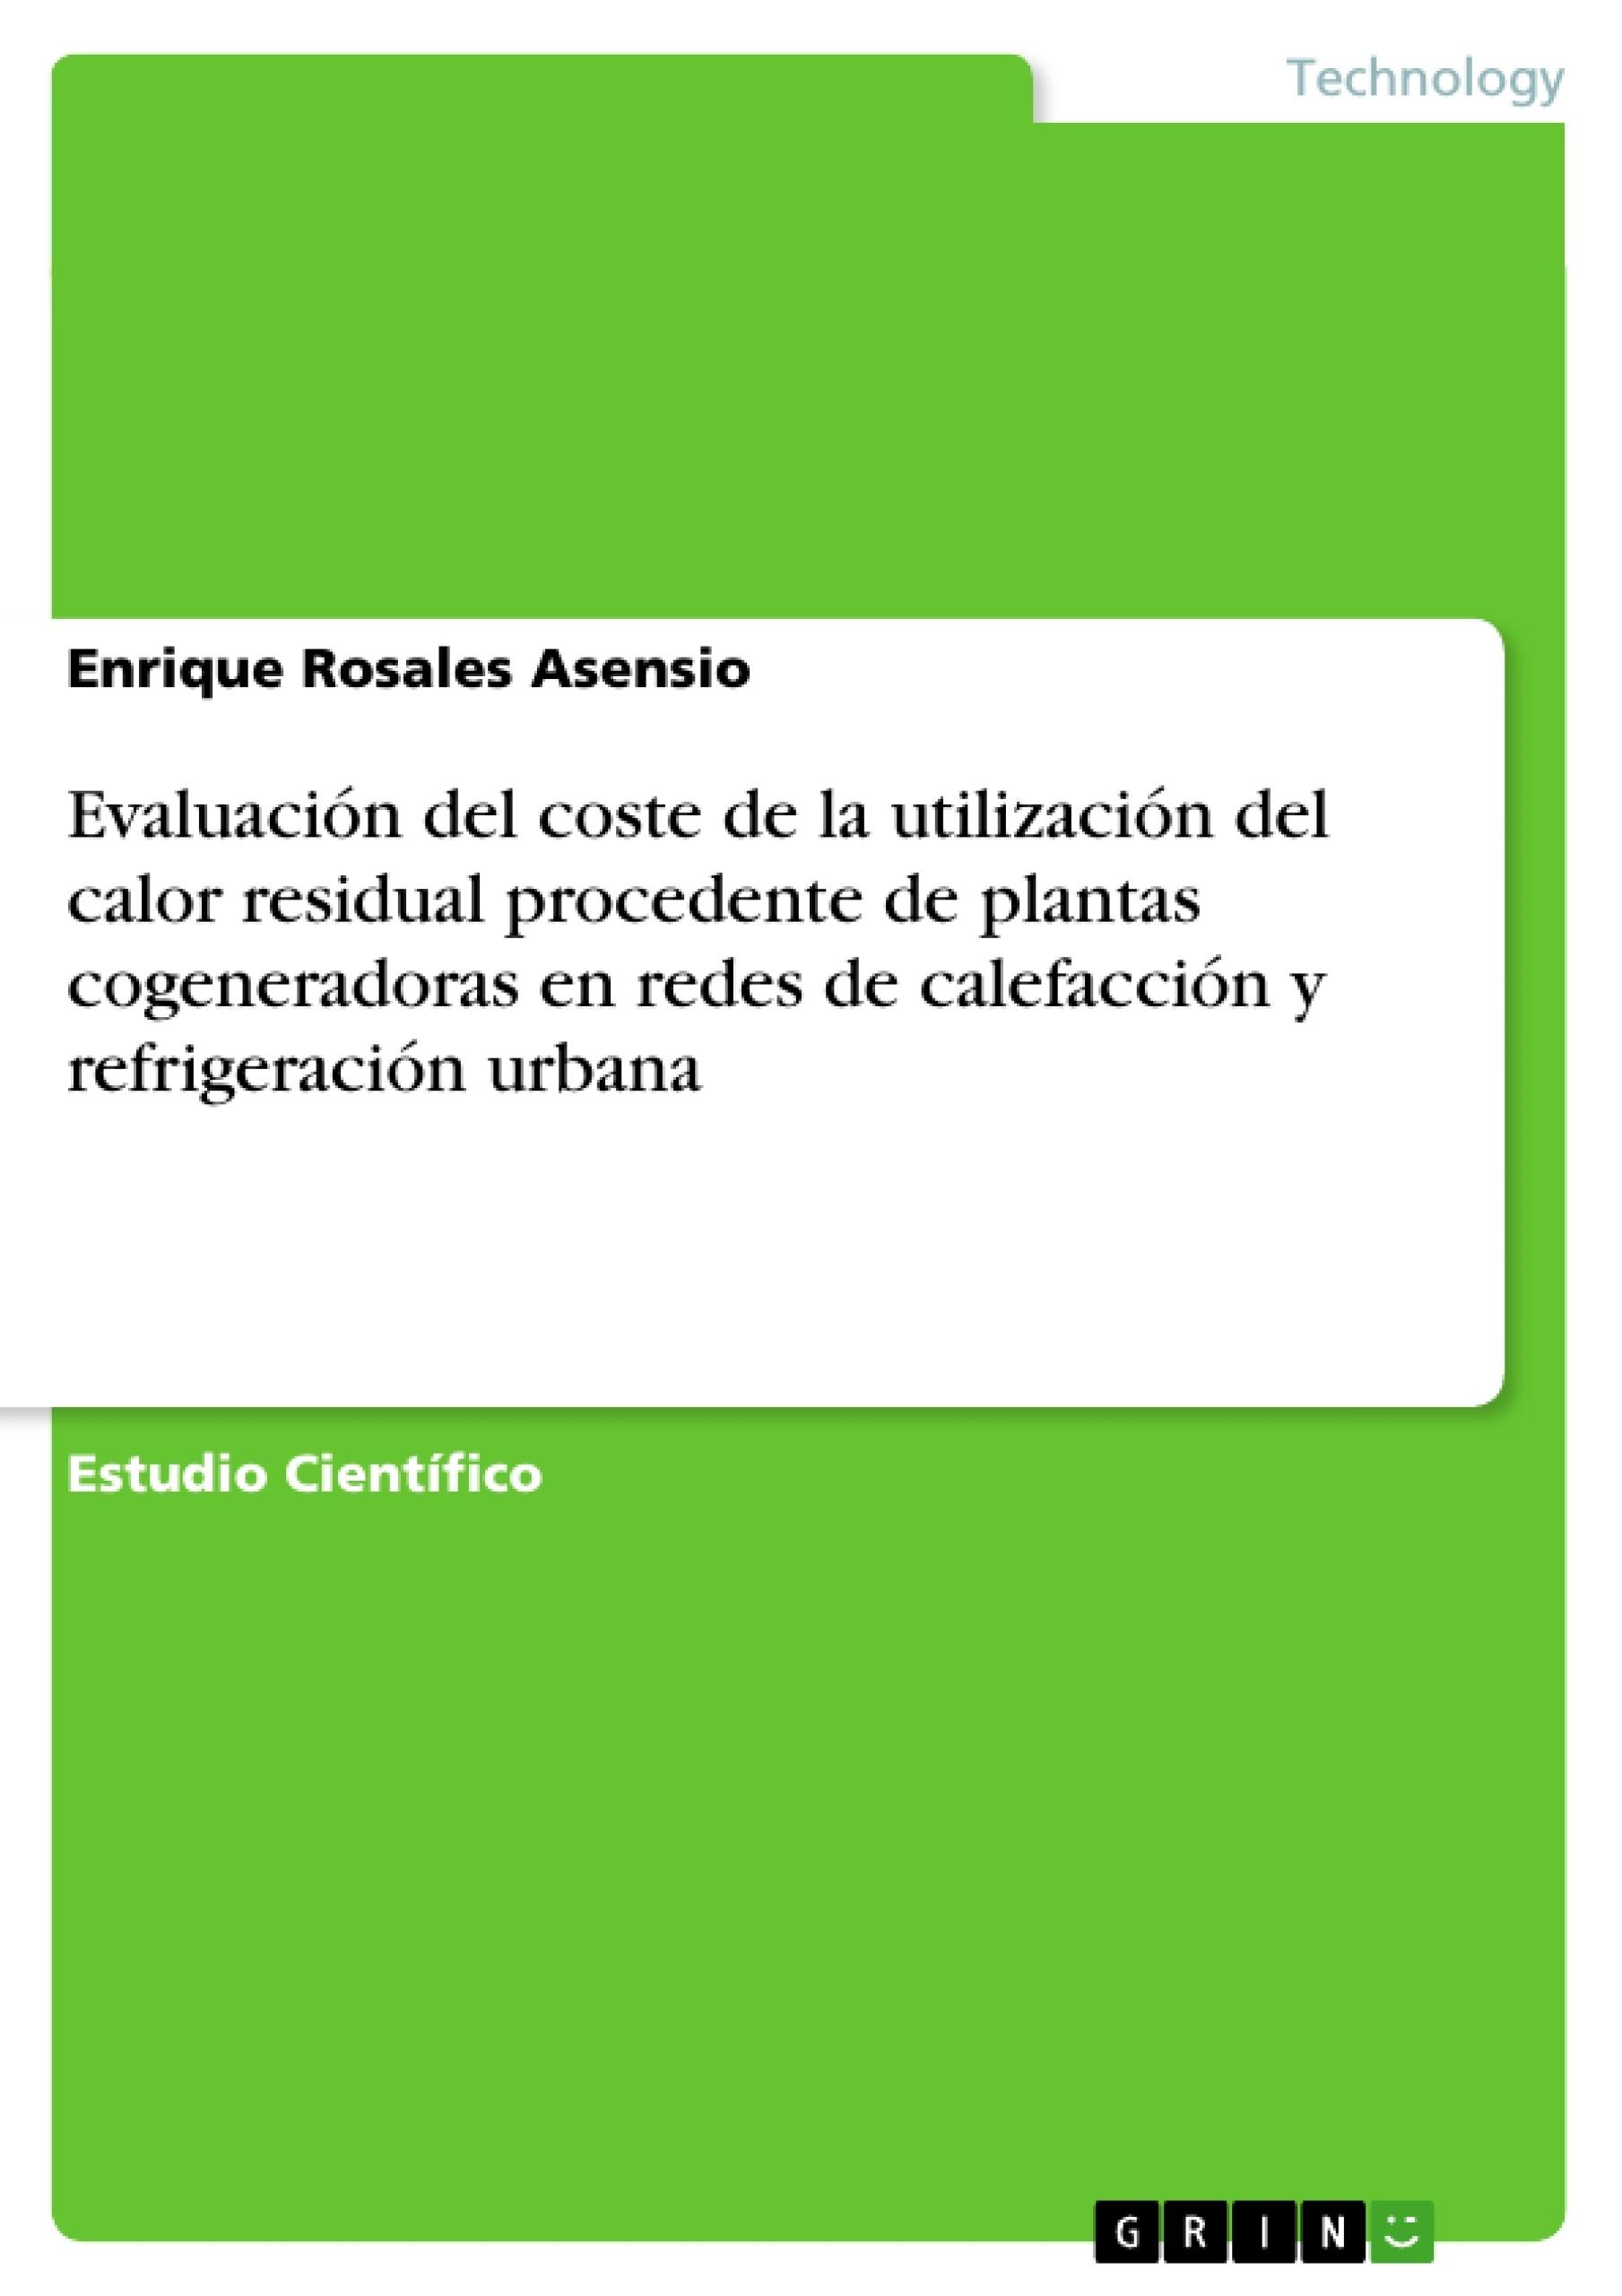 Título: Evaluación del coste de la utilización del calor residual procedente de plantas cogeneradoras en redes de calefacción y refrigeración urbana